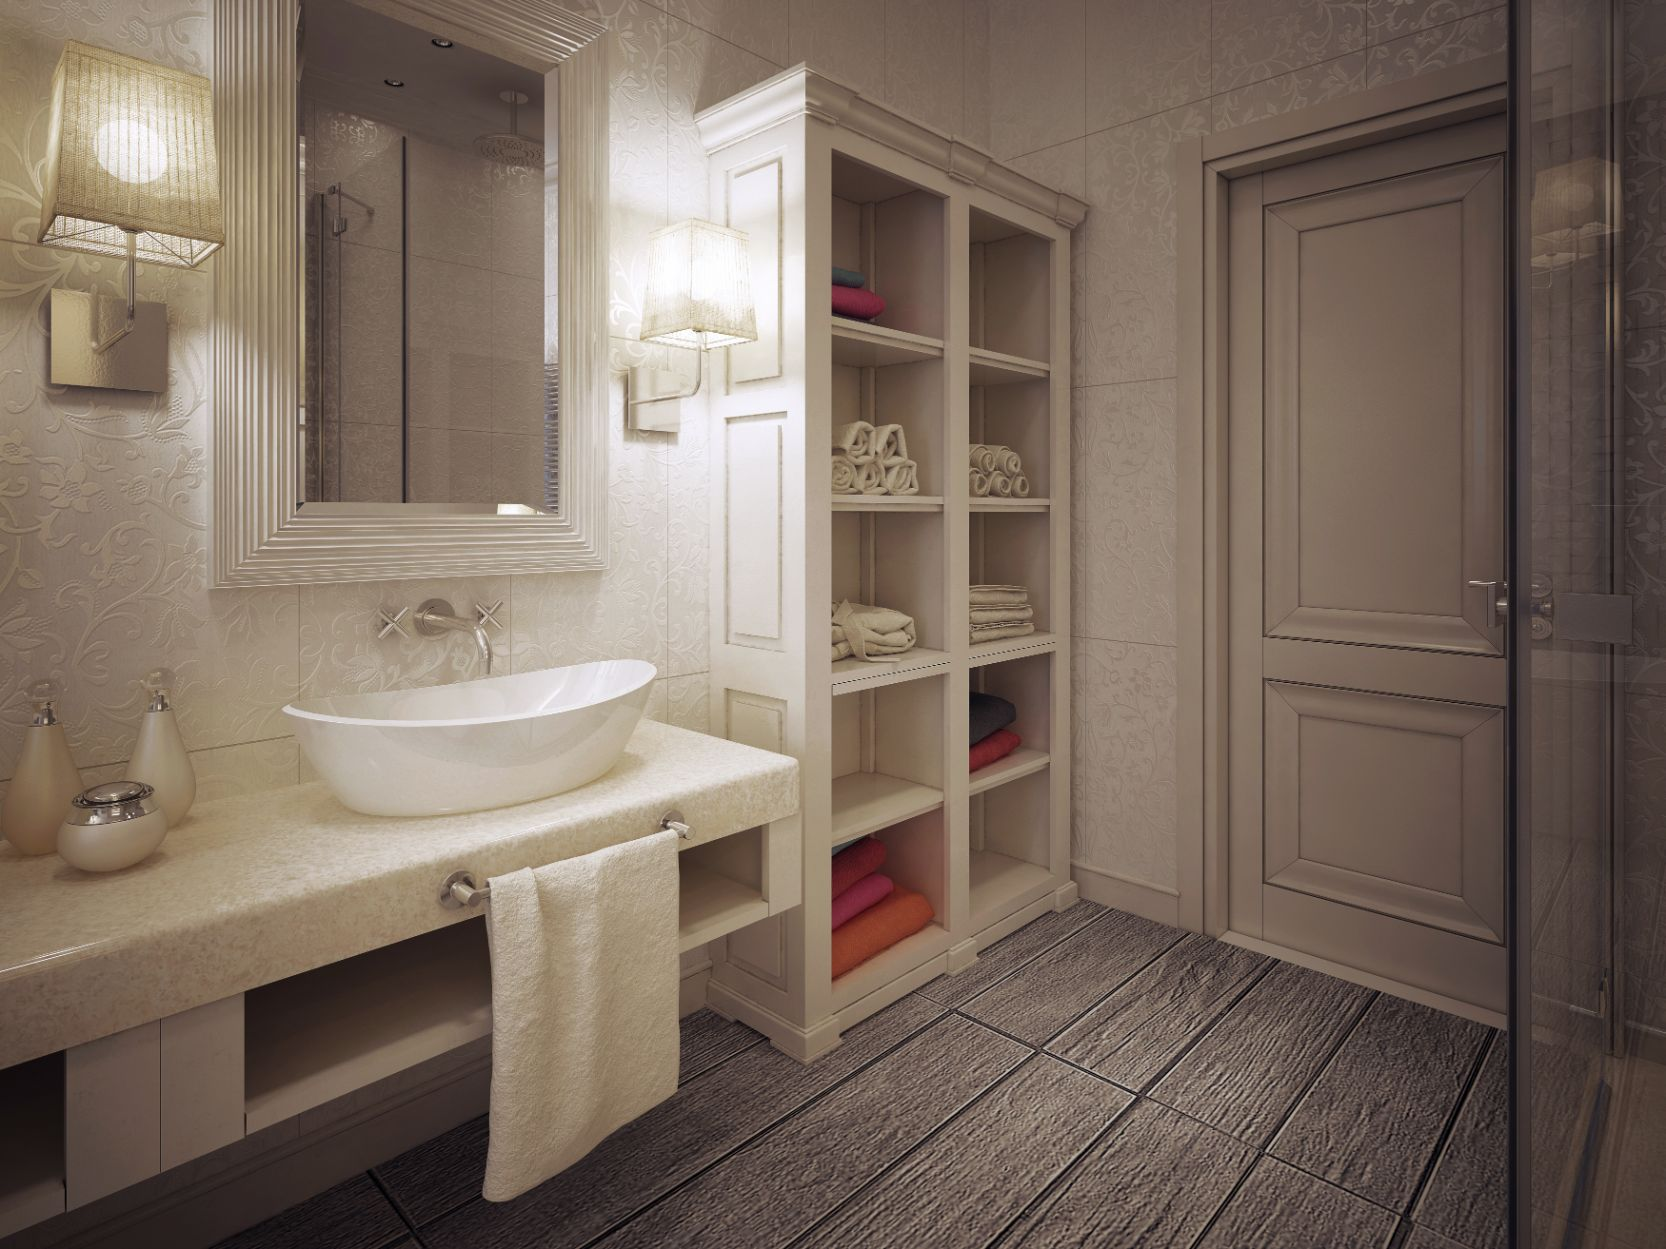 8 Benefits Of Bathroom Vanities With Tower Storage